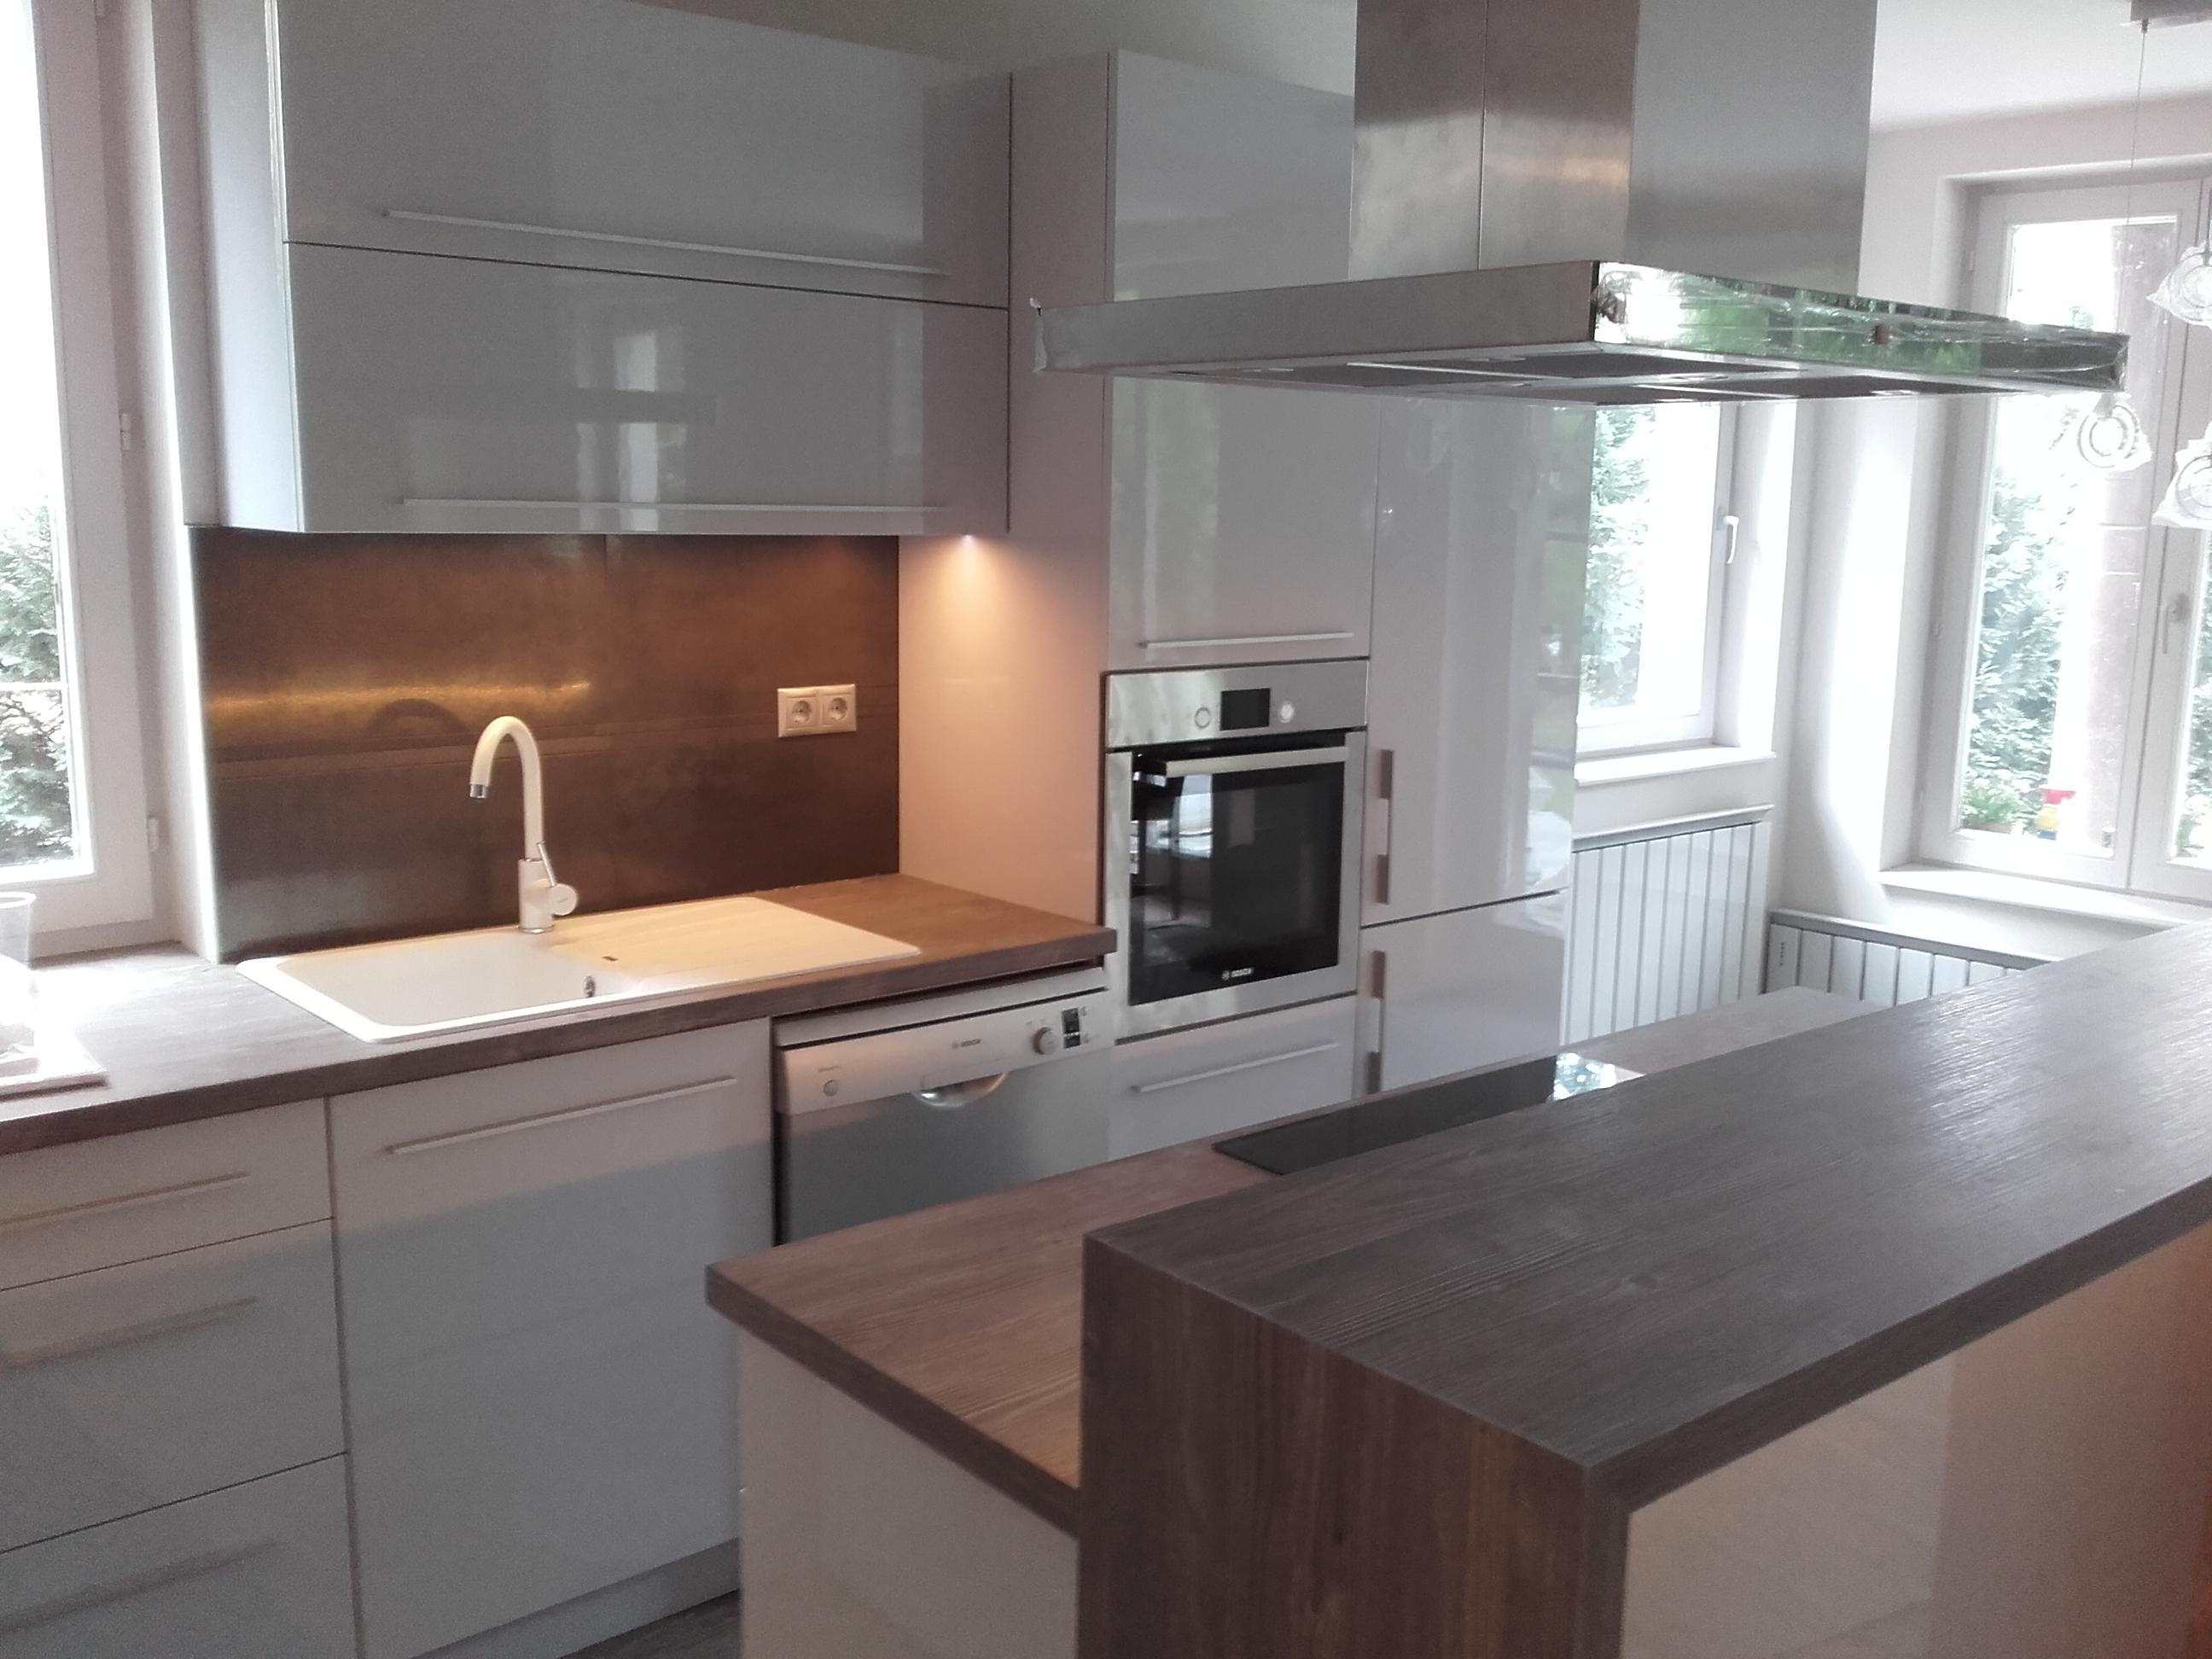 Magasfényű modern konyha egyedi szürke színben - Unit-B Kft ...